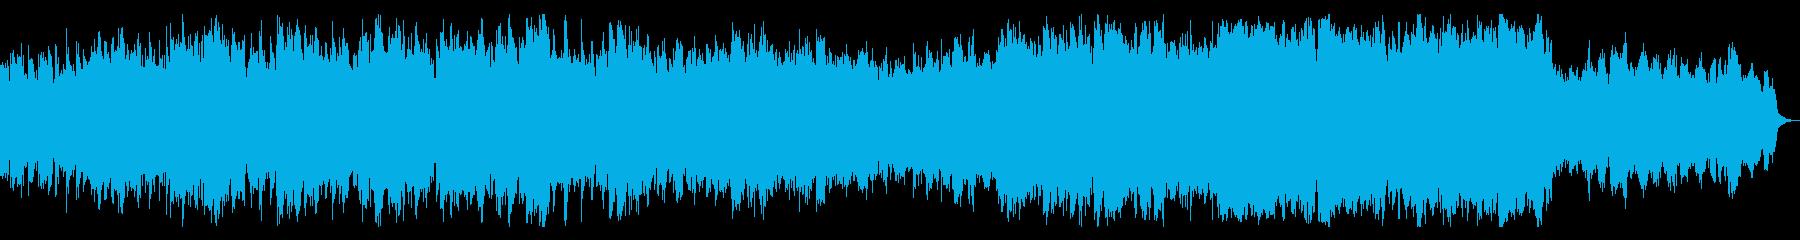 壮大で感動的なサウンドの再生済みの波形